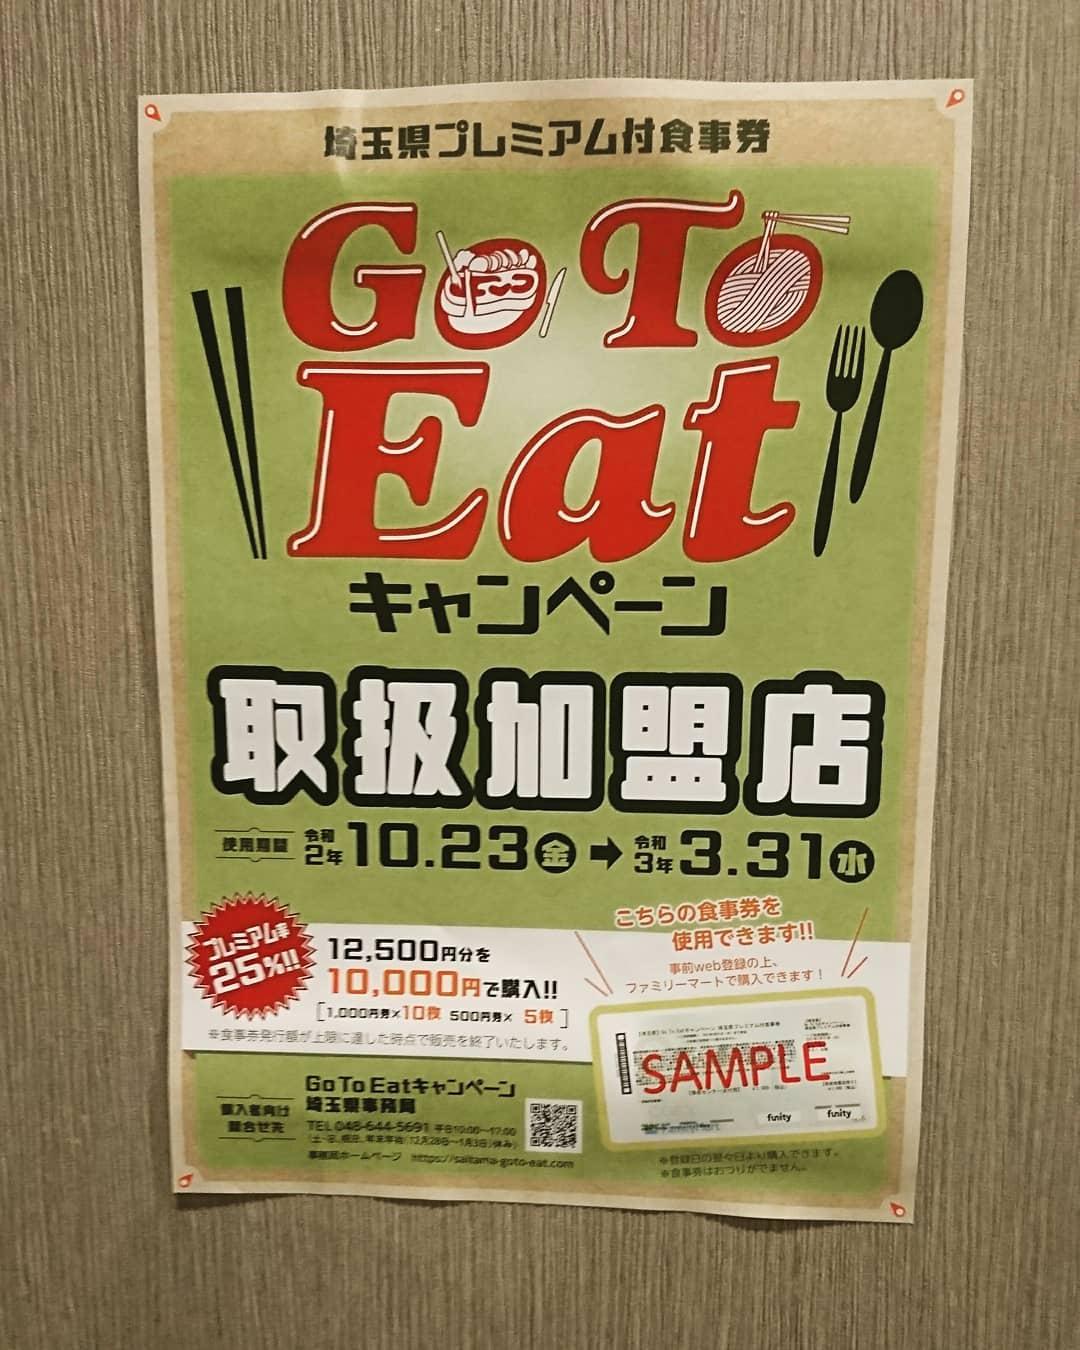 Go TO EAT 熊谷商品券 使えます♪  お持ちの方は是非!!  テイクアウトもまだまだ やってるので 使って下さい♪  そうだ!えんがわに行こう!  TO イート